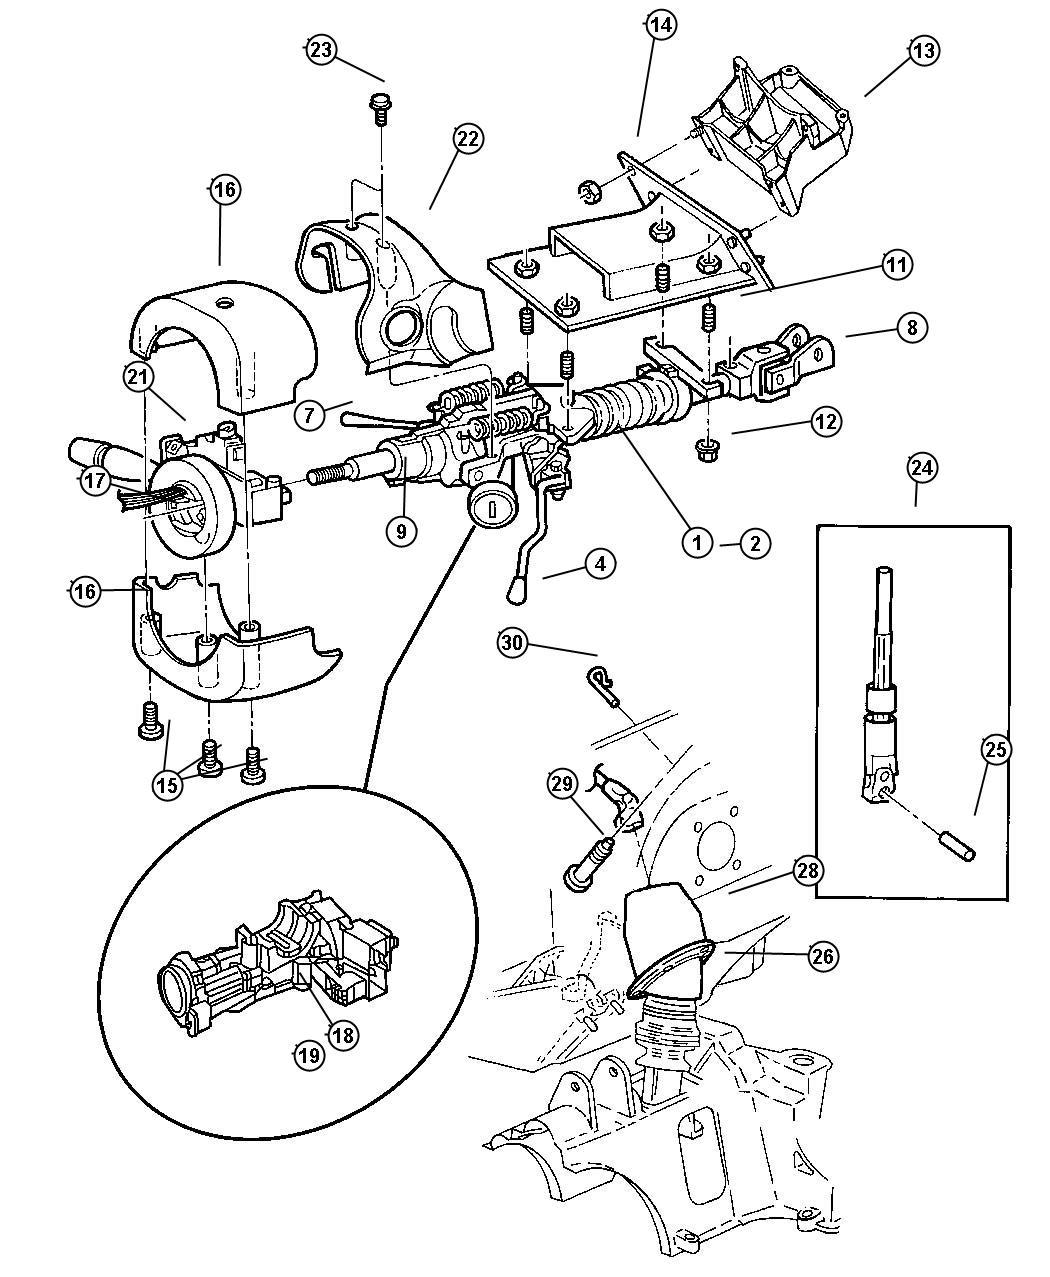 2010 ferrari 458 italia parts diagram